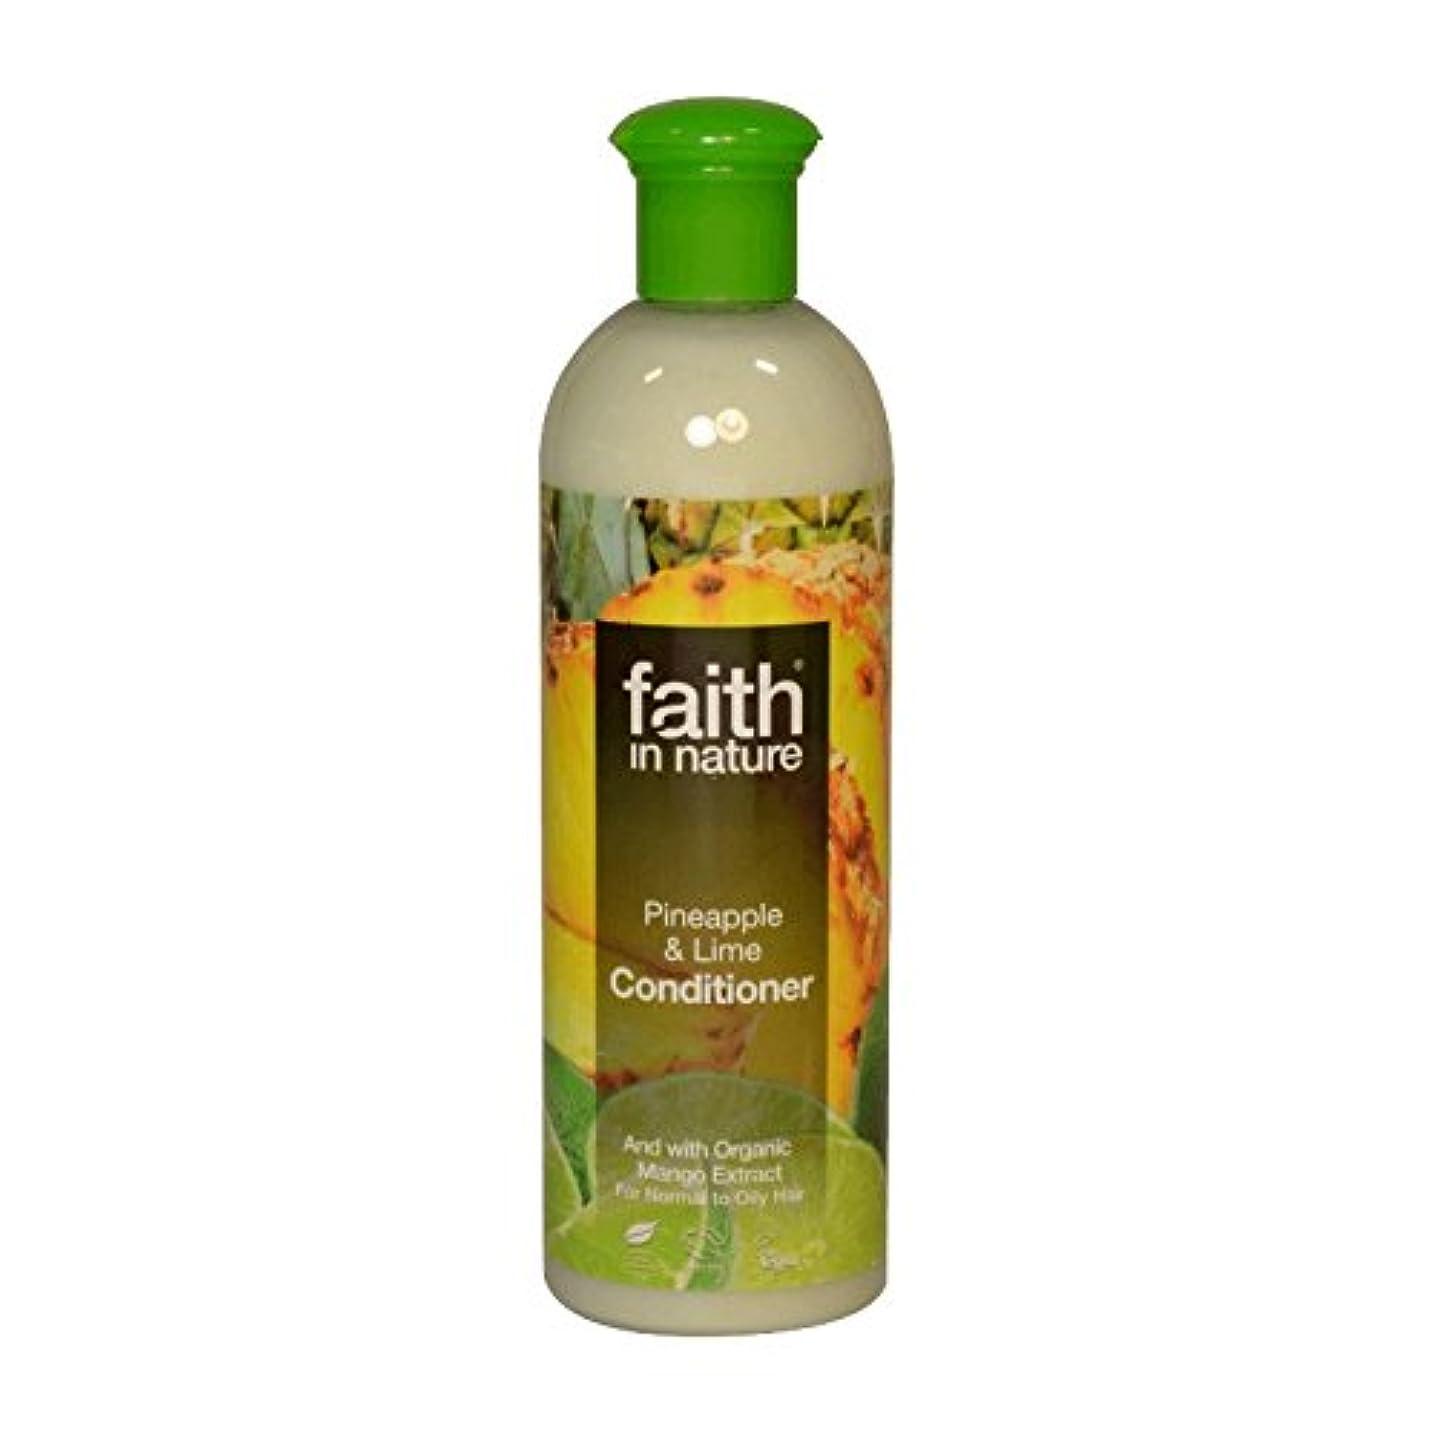 何もないオーバードローうまれた自然パイナップル&ライムコンディショナー400ミリリットルの信仰 - Faith in Nature Pineapple & Lime Conditioner 400ml (Faith in Nature) [並行輸入品]